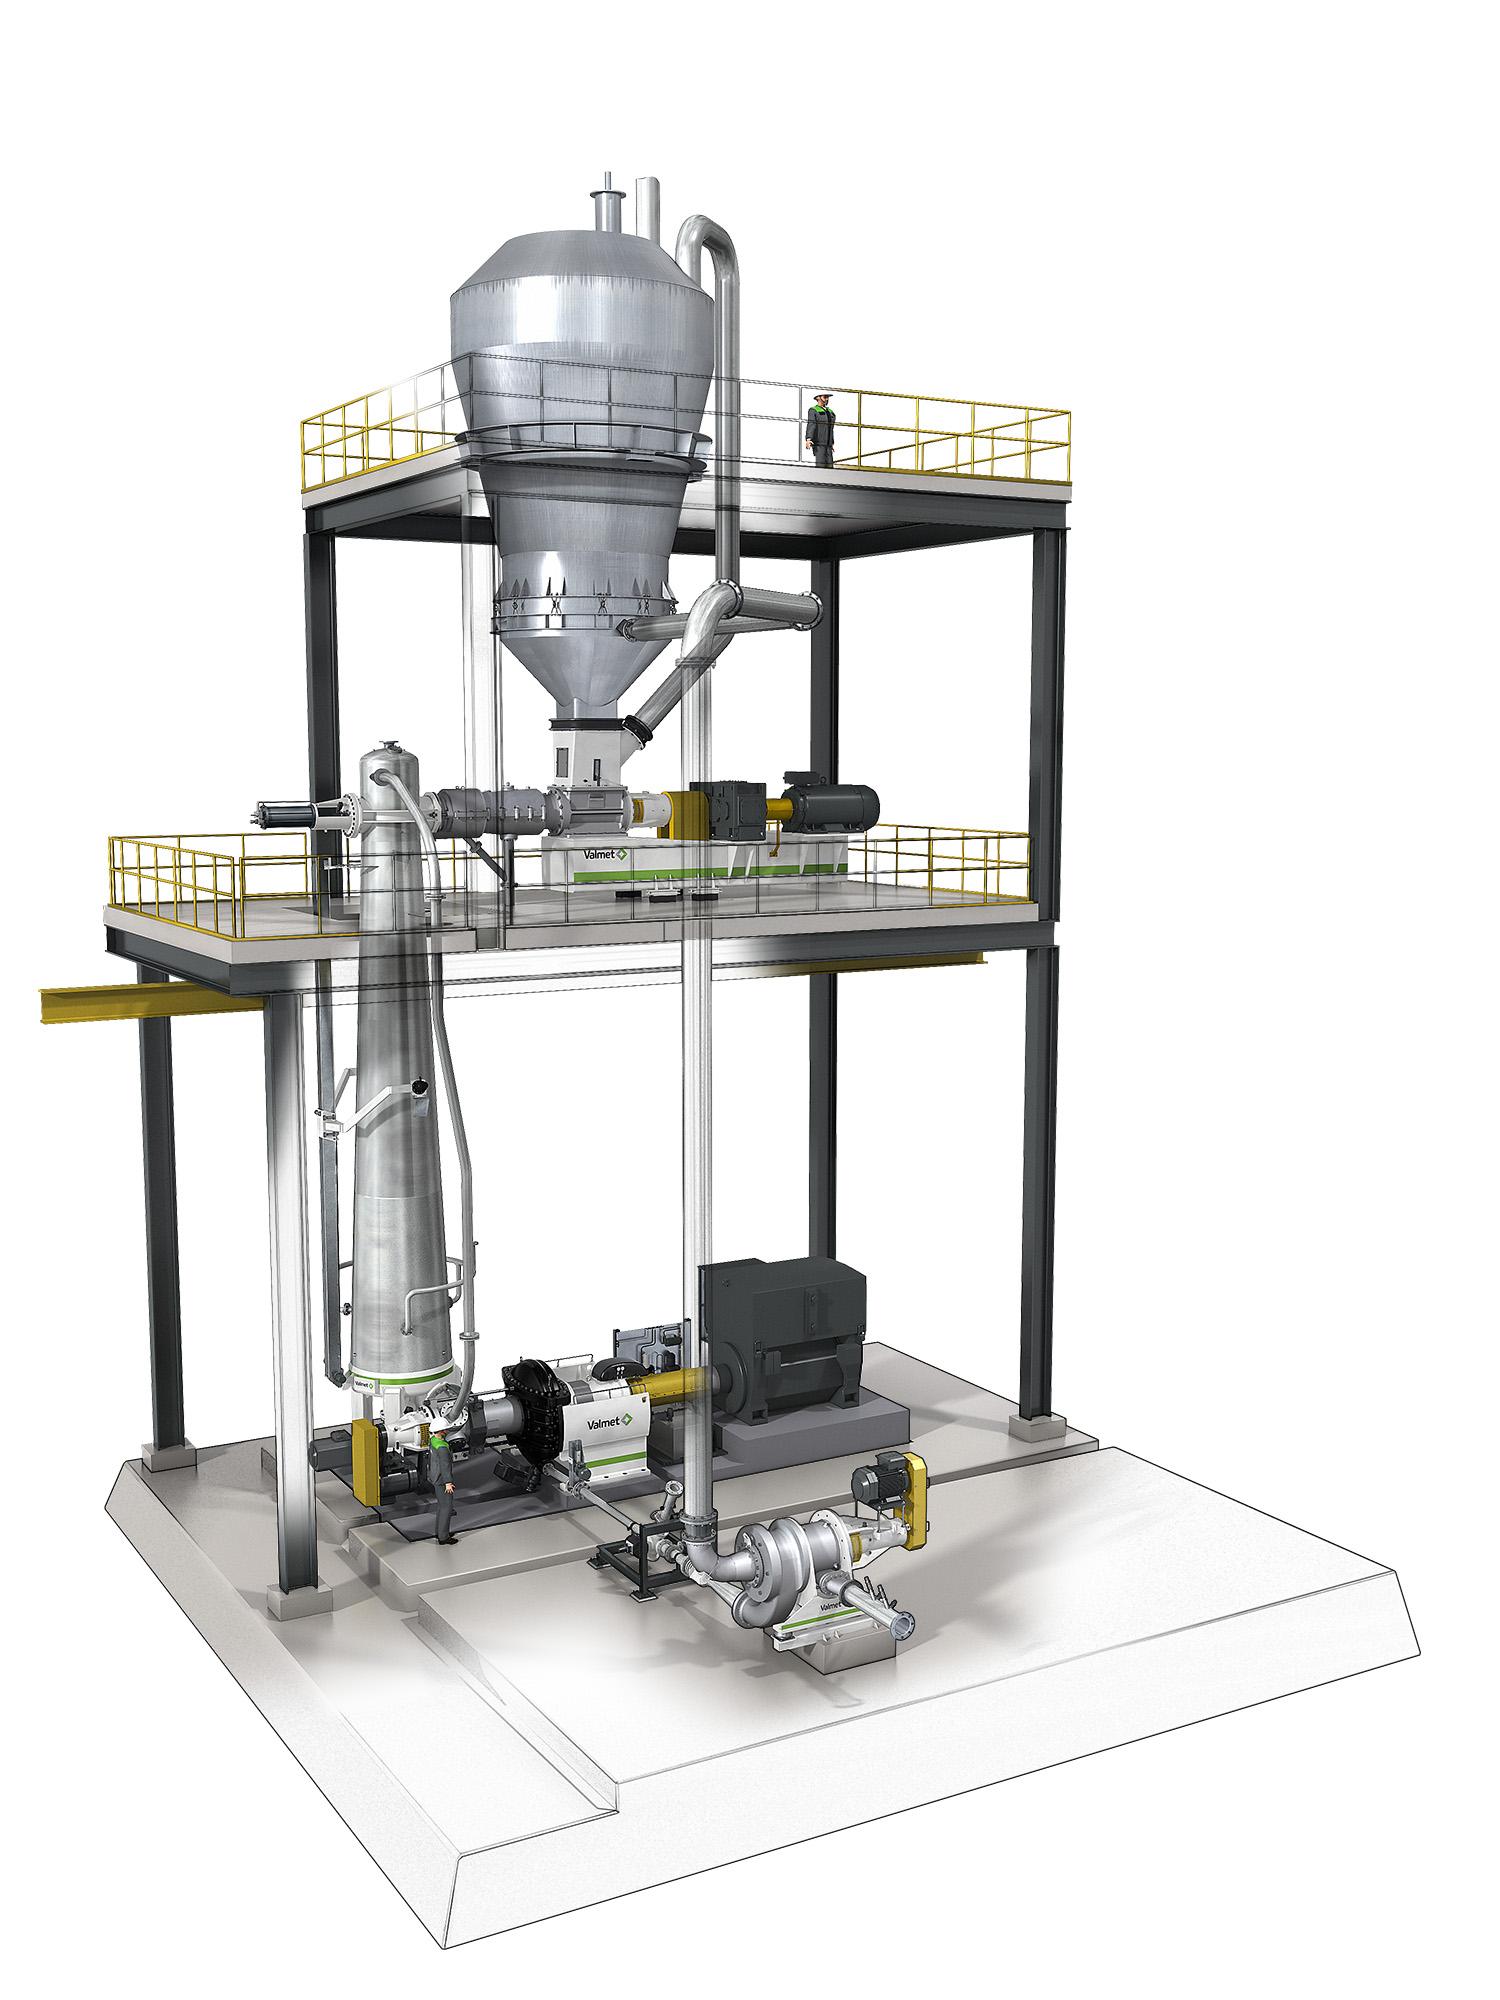 Valmet kommer att leverera ett Defibrator™-system till Tianjin Shengsong Wood Co. Ltd i Tianjin, Kina.